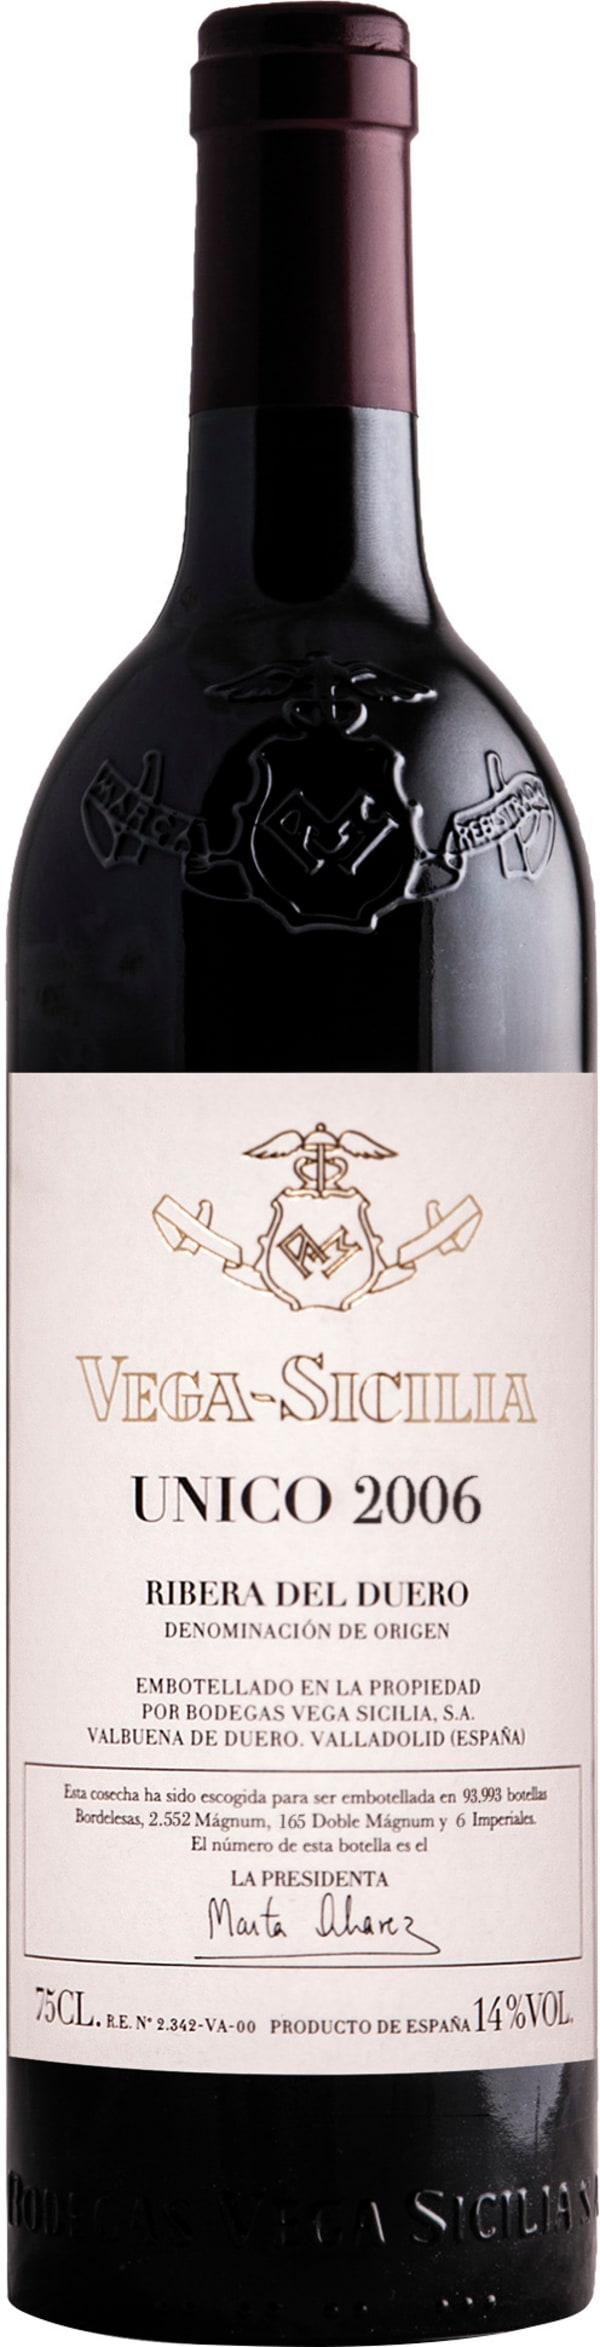 Vega-Sicilia Unico 2006